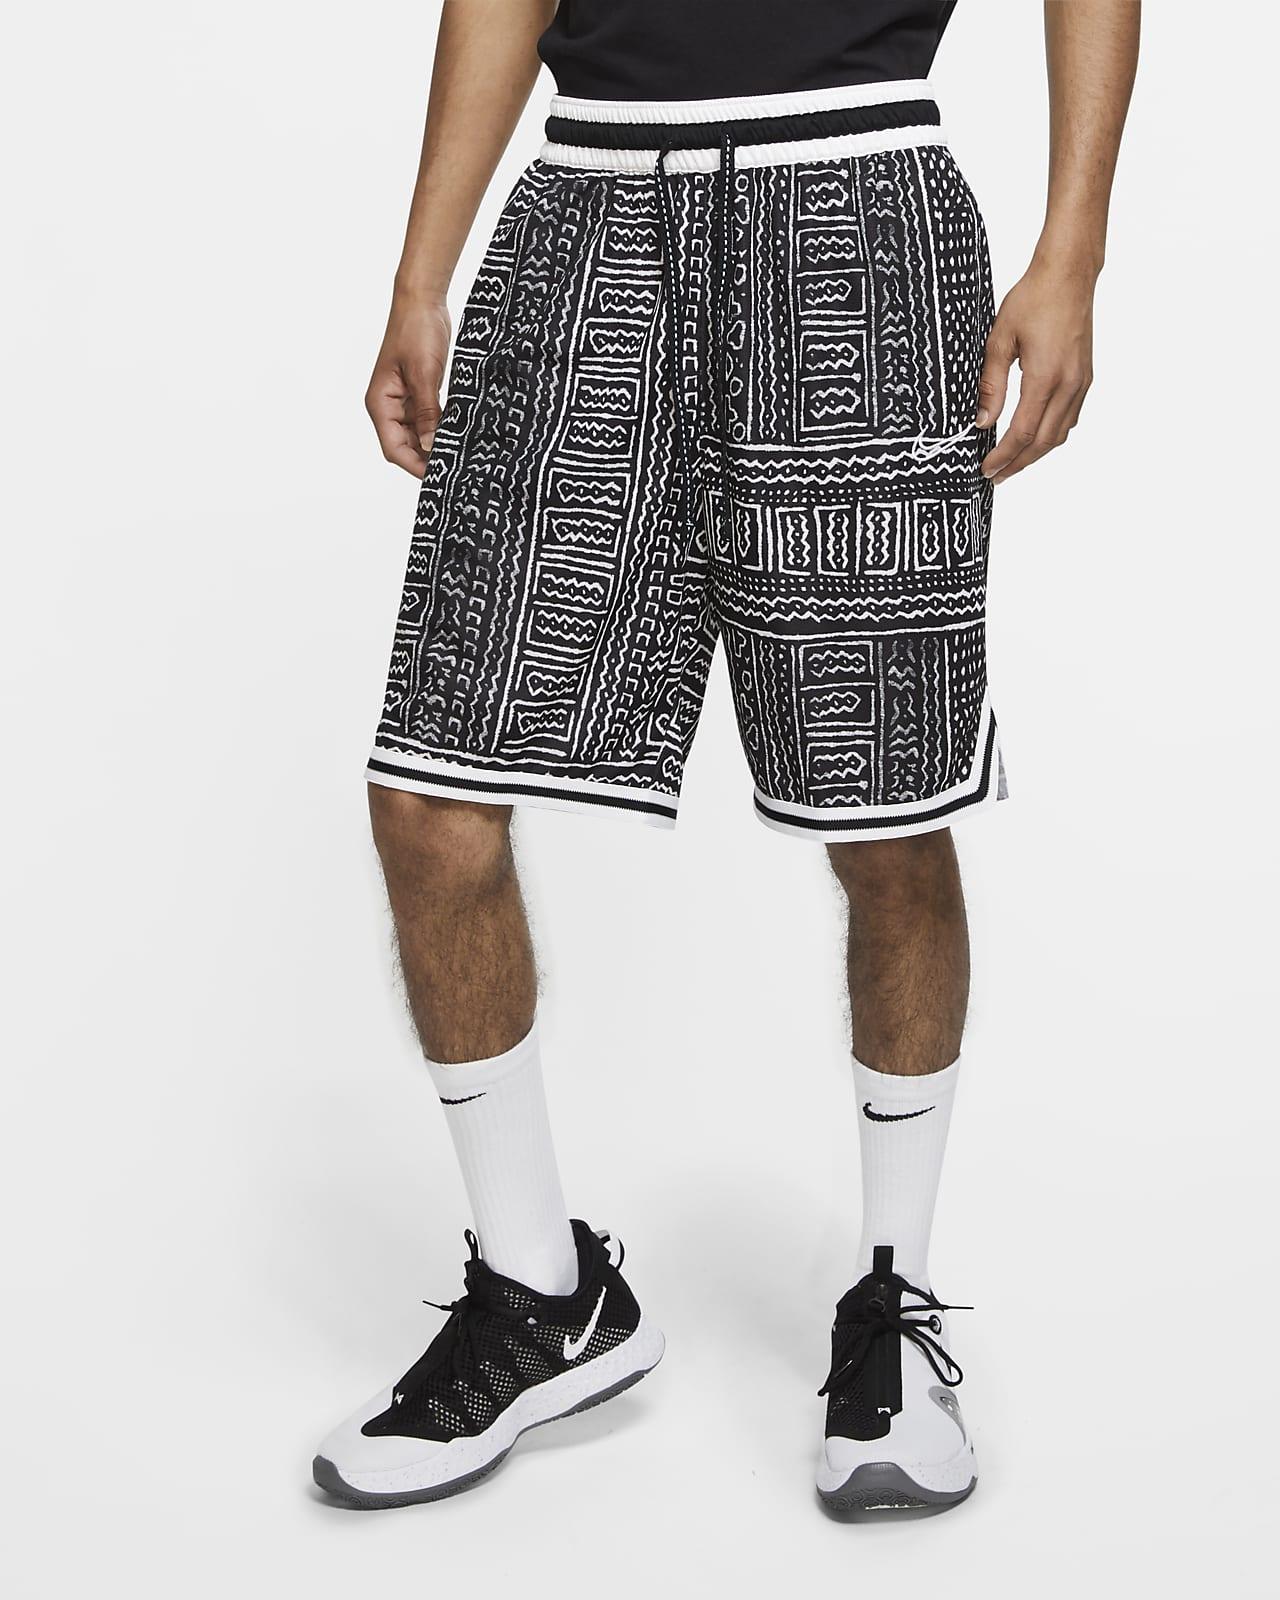 Calções de basquetebol Nike DNA para homem